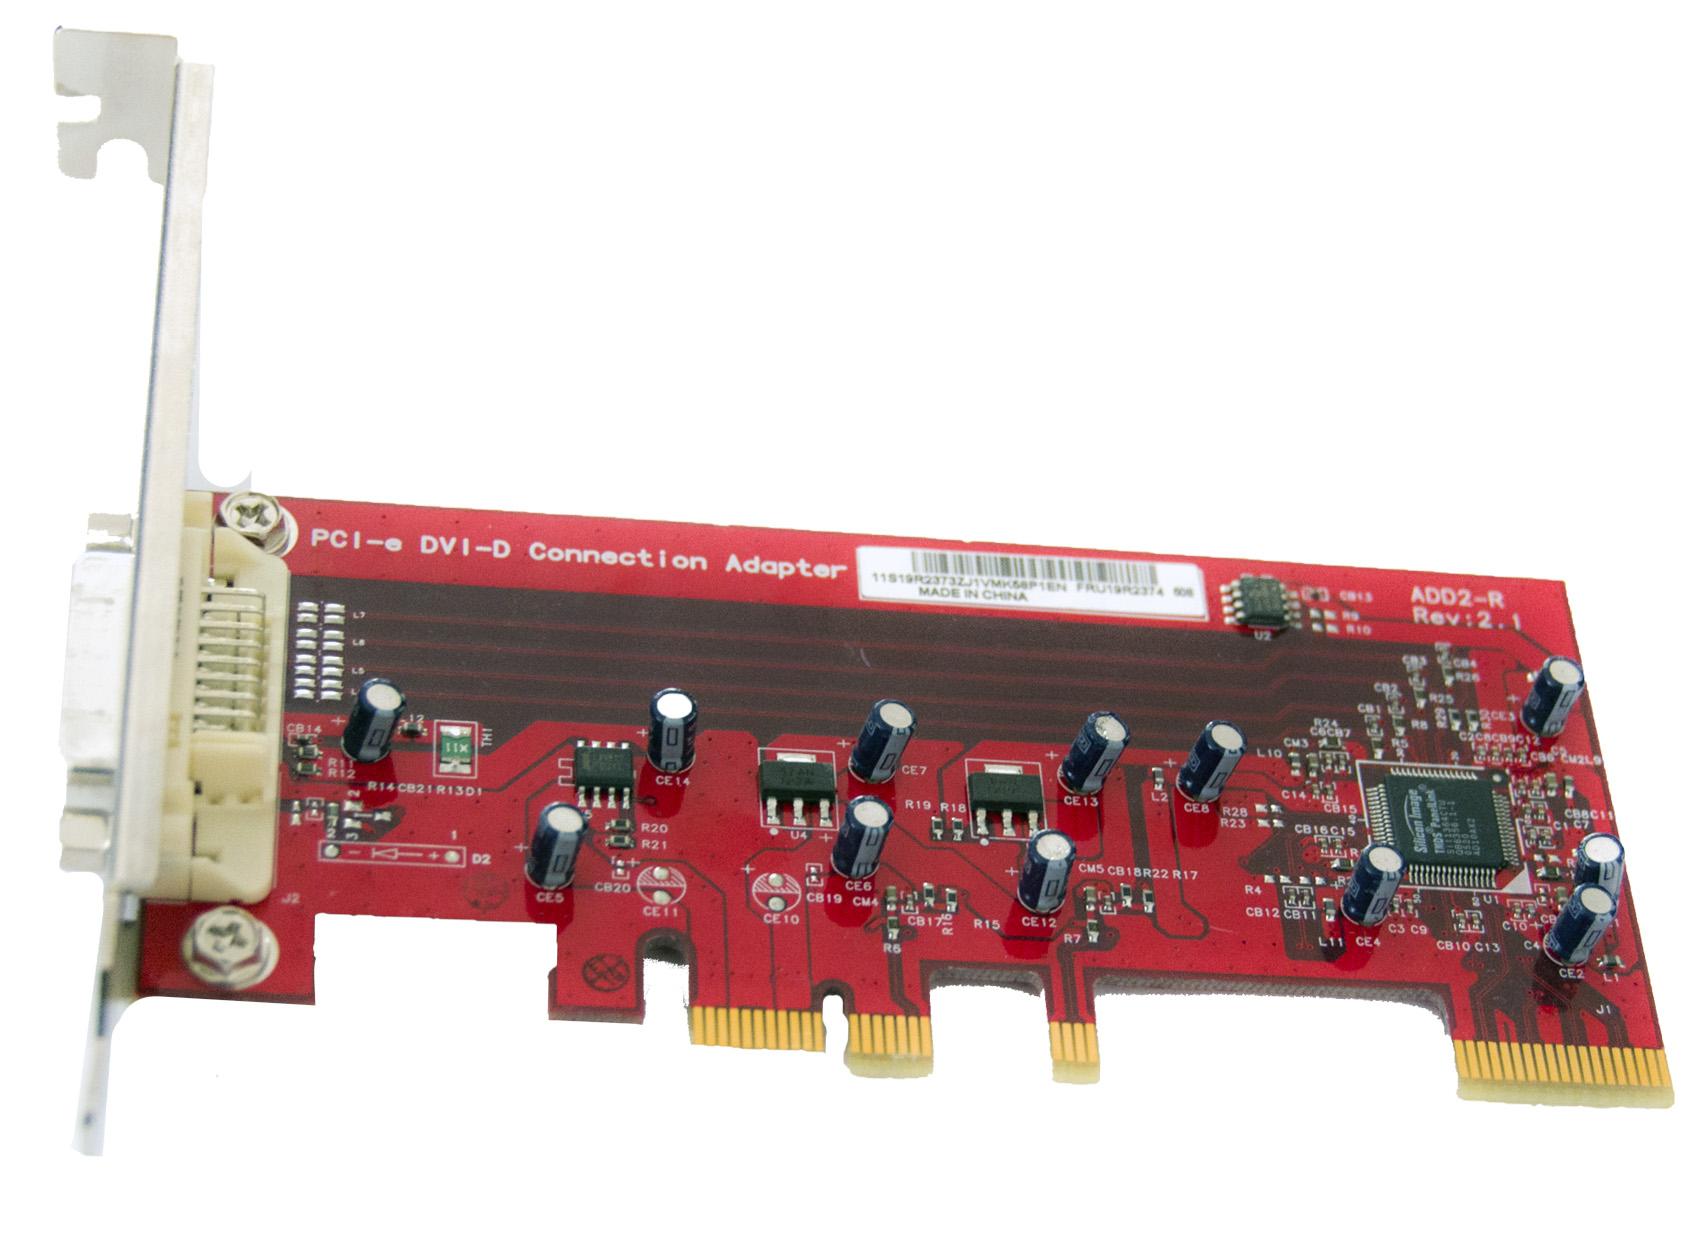 Adaptor Pci-e Dvi-d Silicon Image